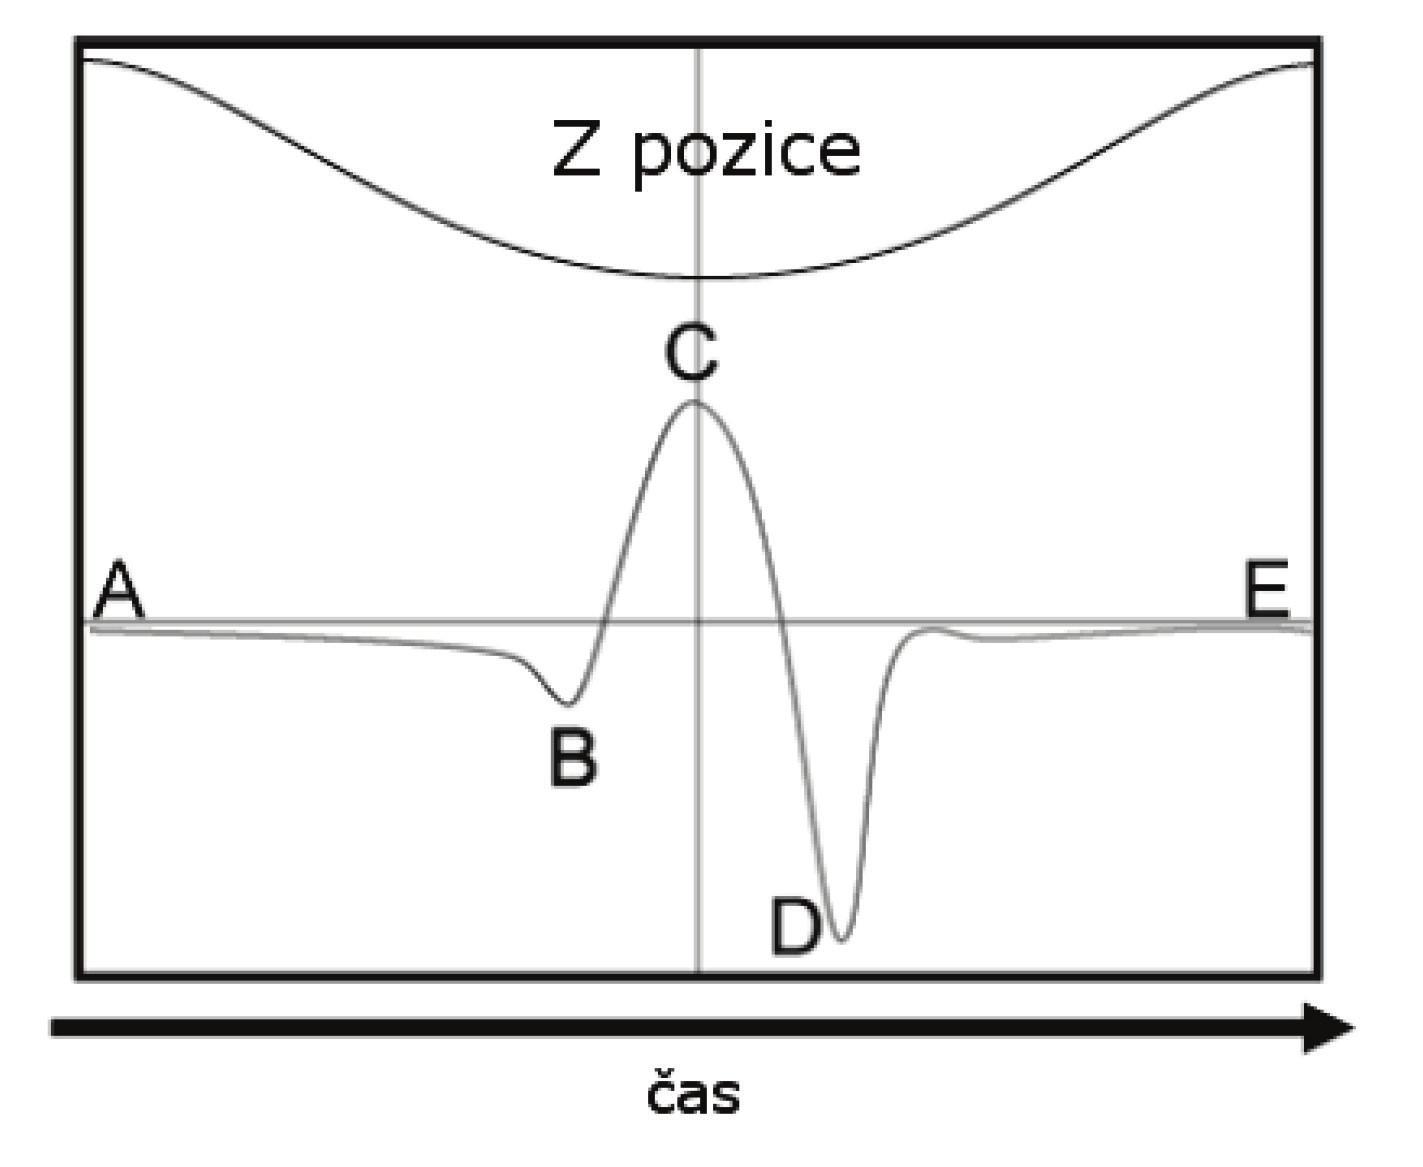 Průběh jednoho cyklu při Peak Force Tapping. V horní části pohyb vůči ose Z, ve spodní části silové působení v závislosti na čase. Upraveno z [24].